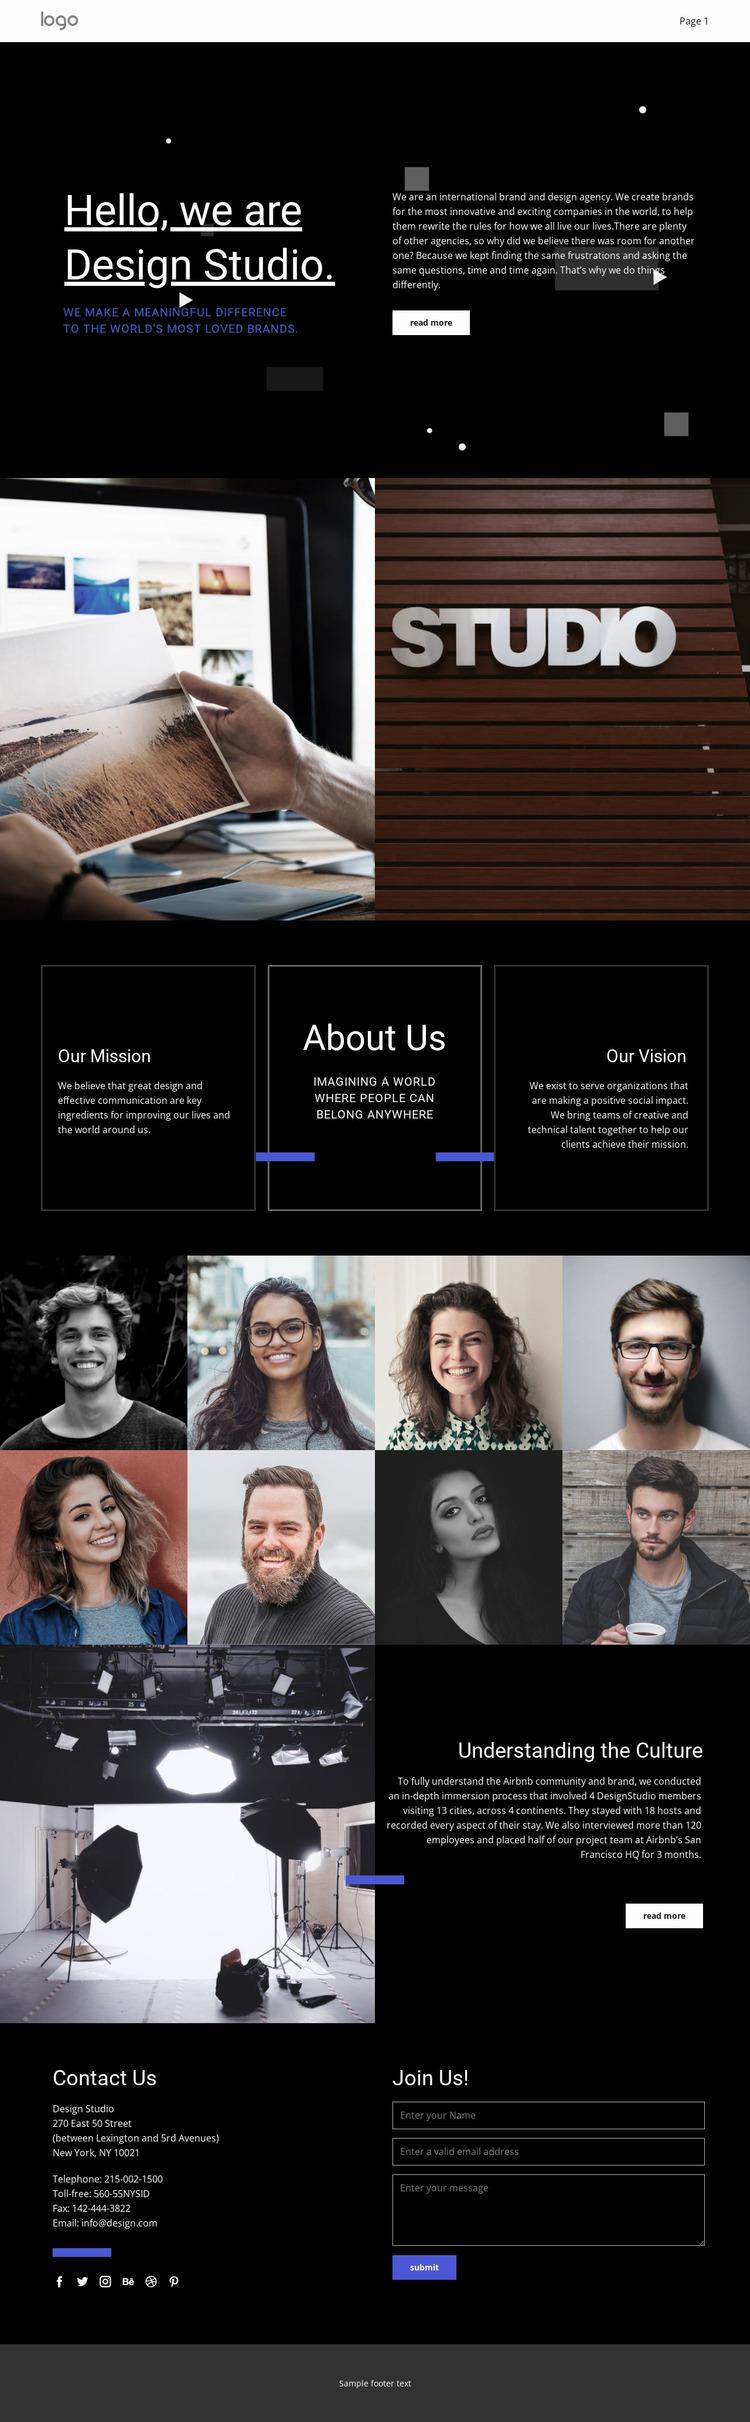 Our design is unique Website Mockup